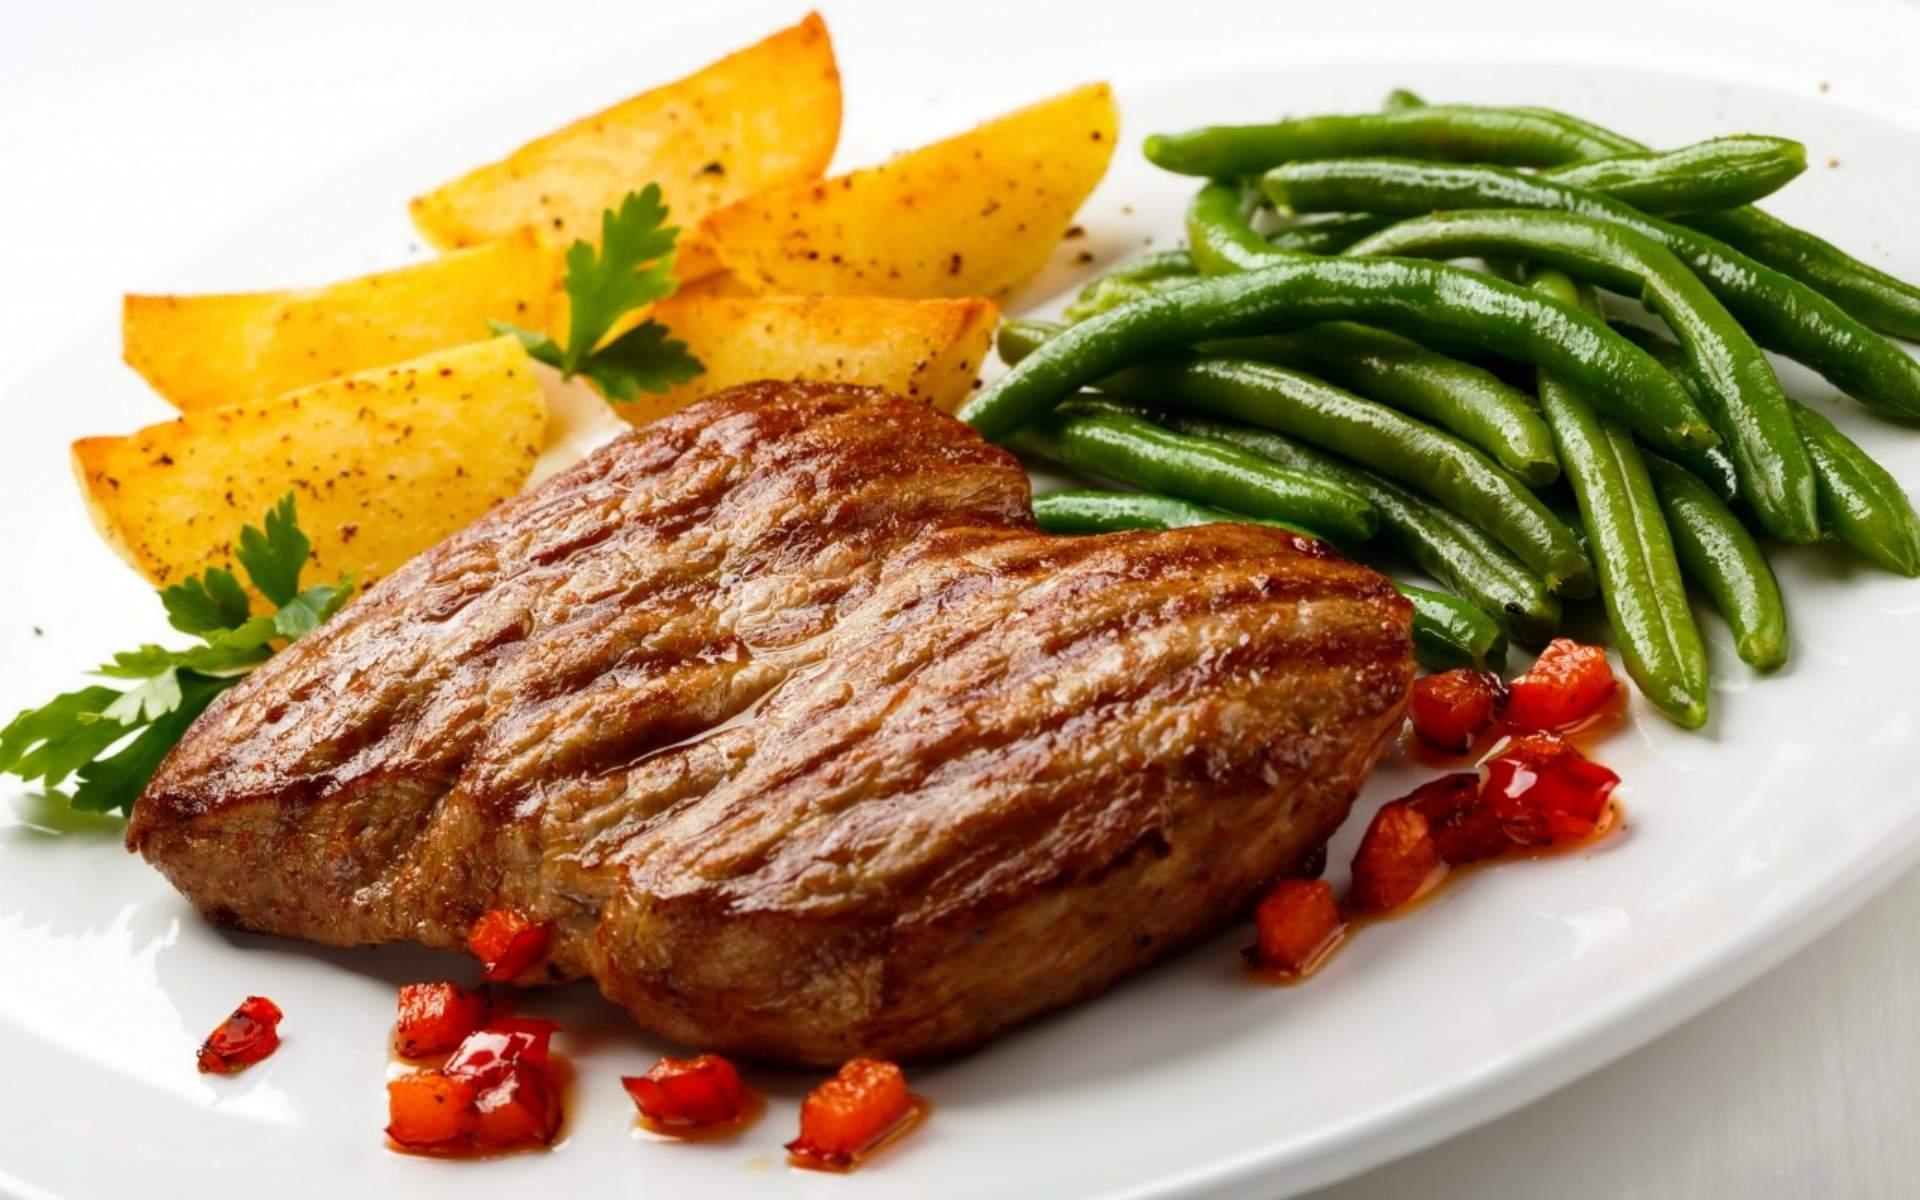 Врачи подсказали, как нормализовать уровень холестерина в крови